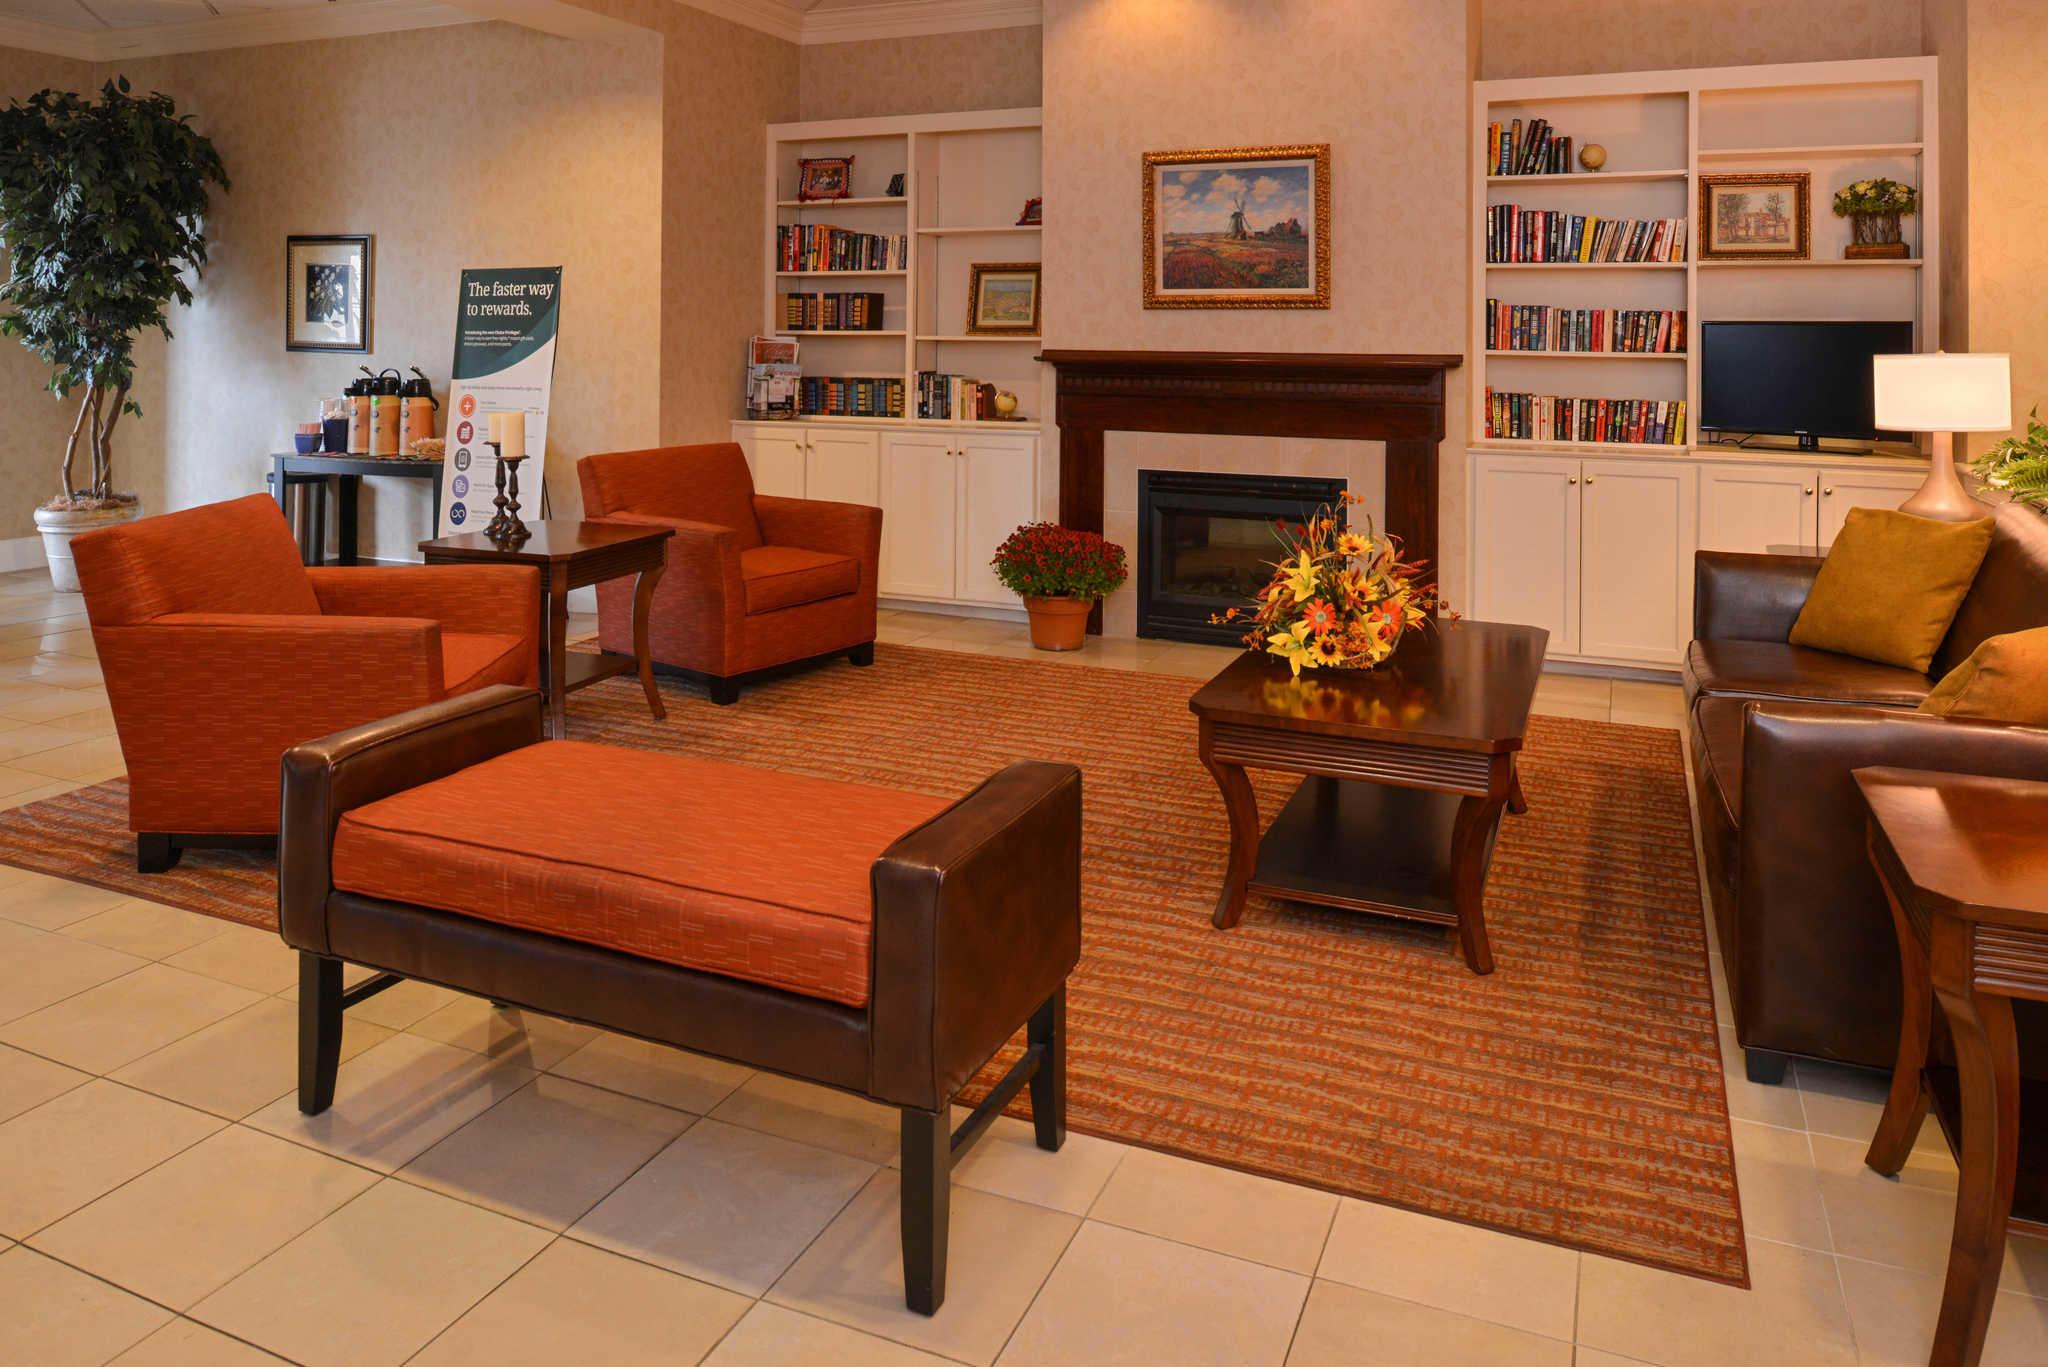 Quality Inn Dutch Inn image 7